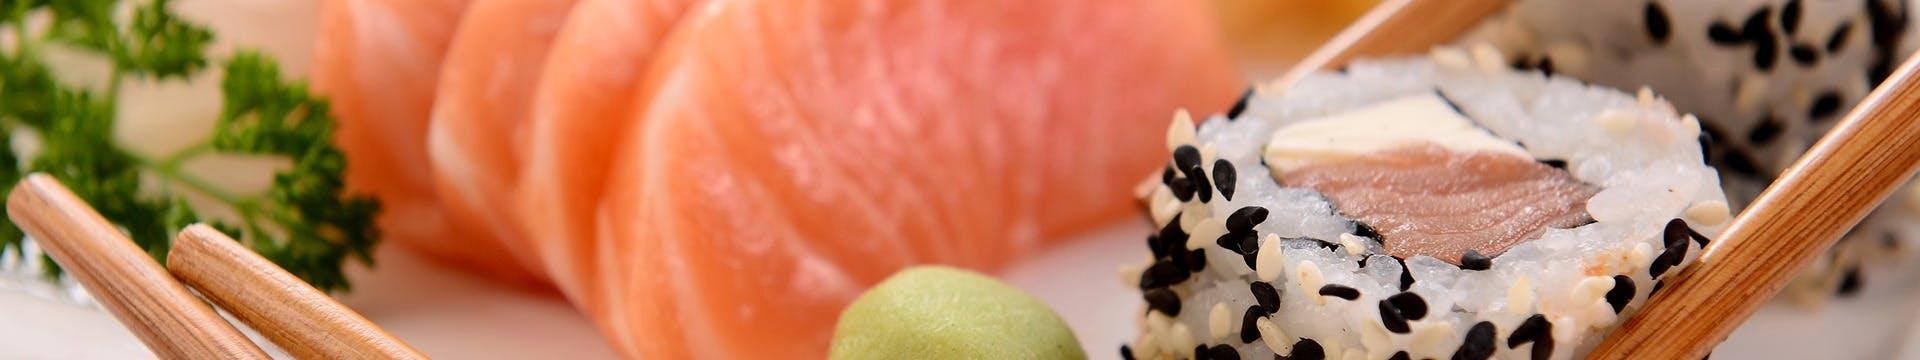 Świeże ryby i składniki, aromatyczny ryż.